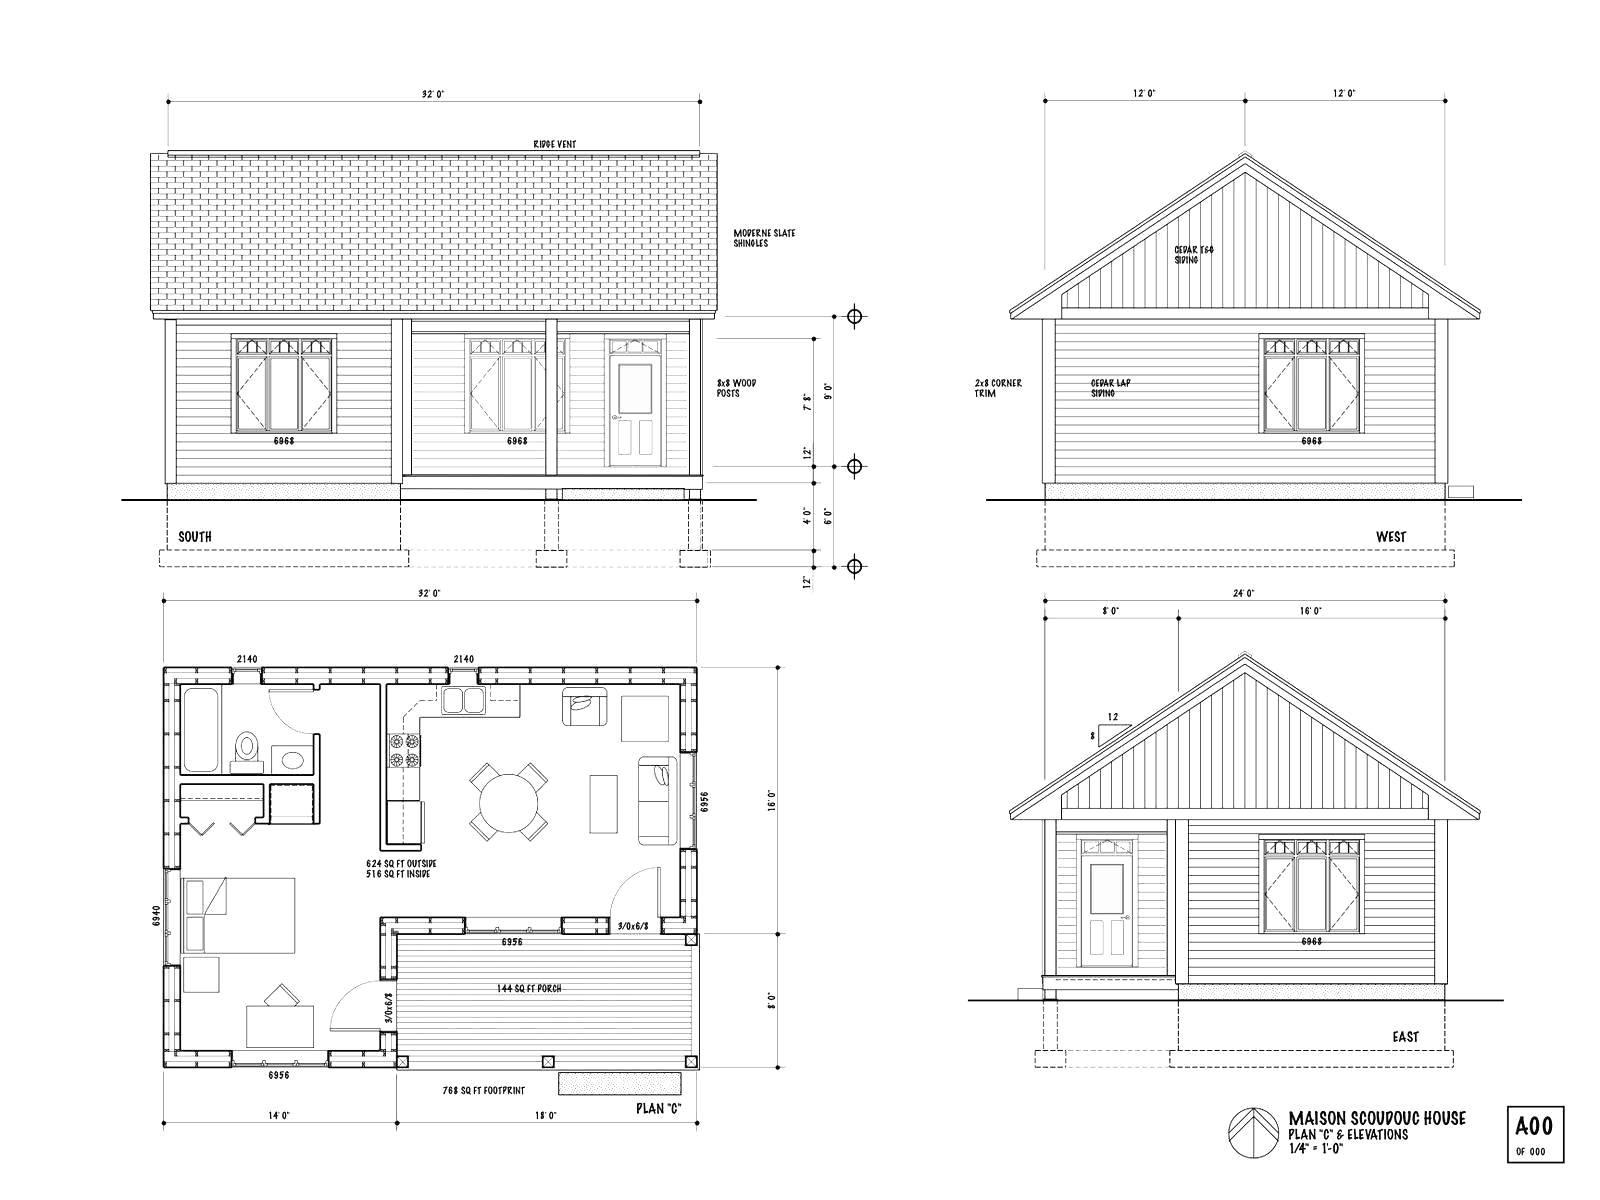 dogtrot house plans fresh dogtrot house plans unique dog run house plans modern dogtrot house